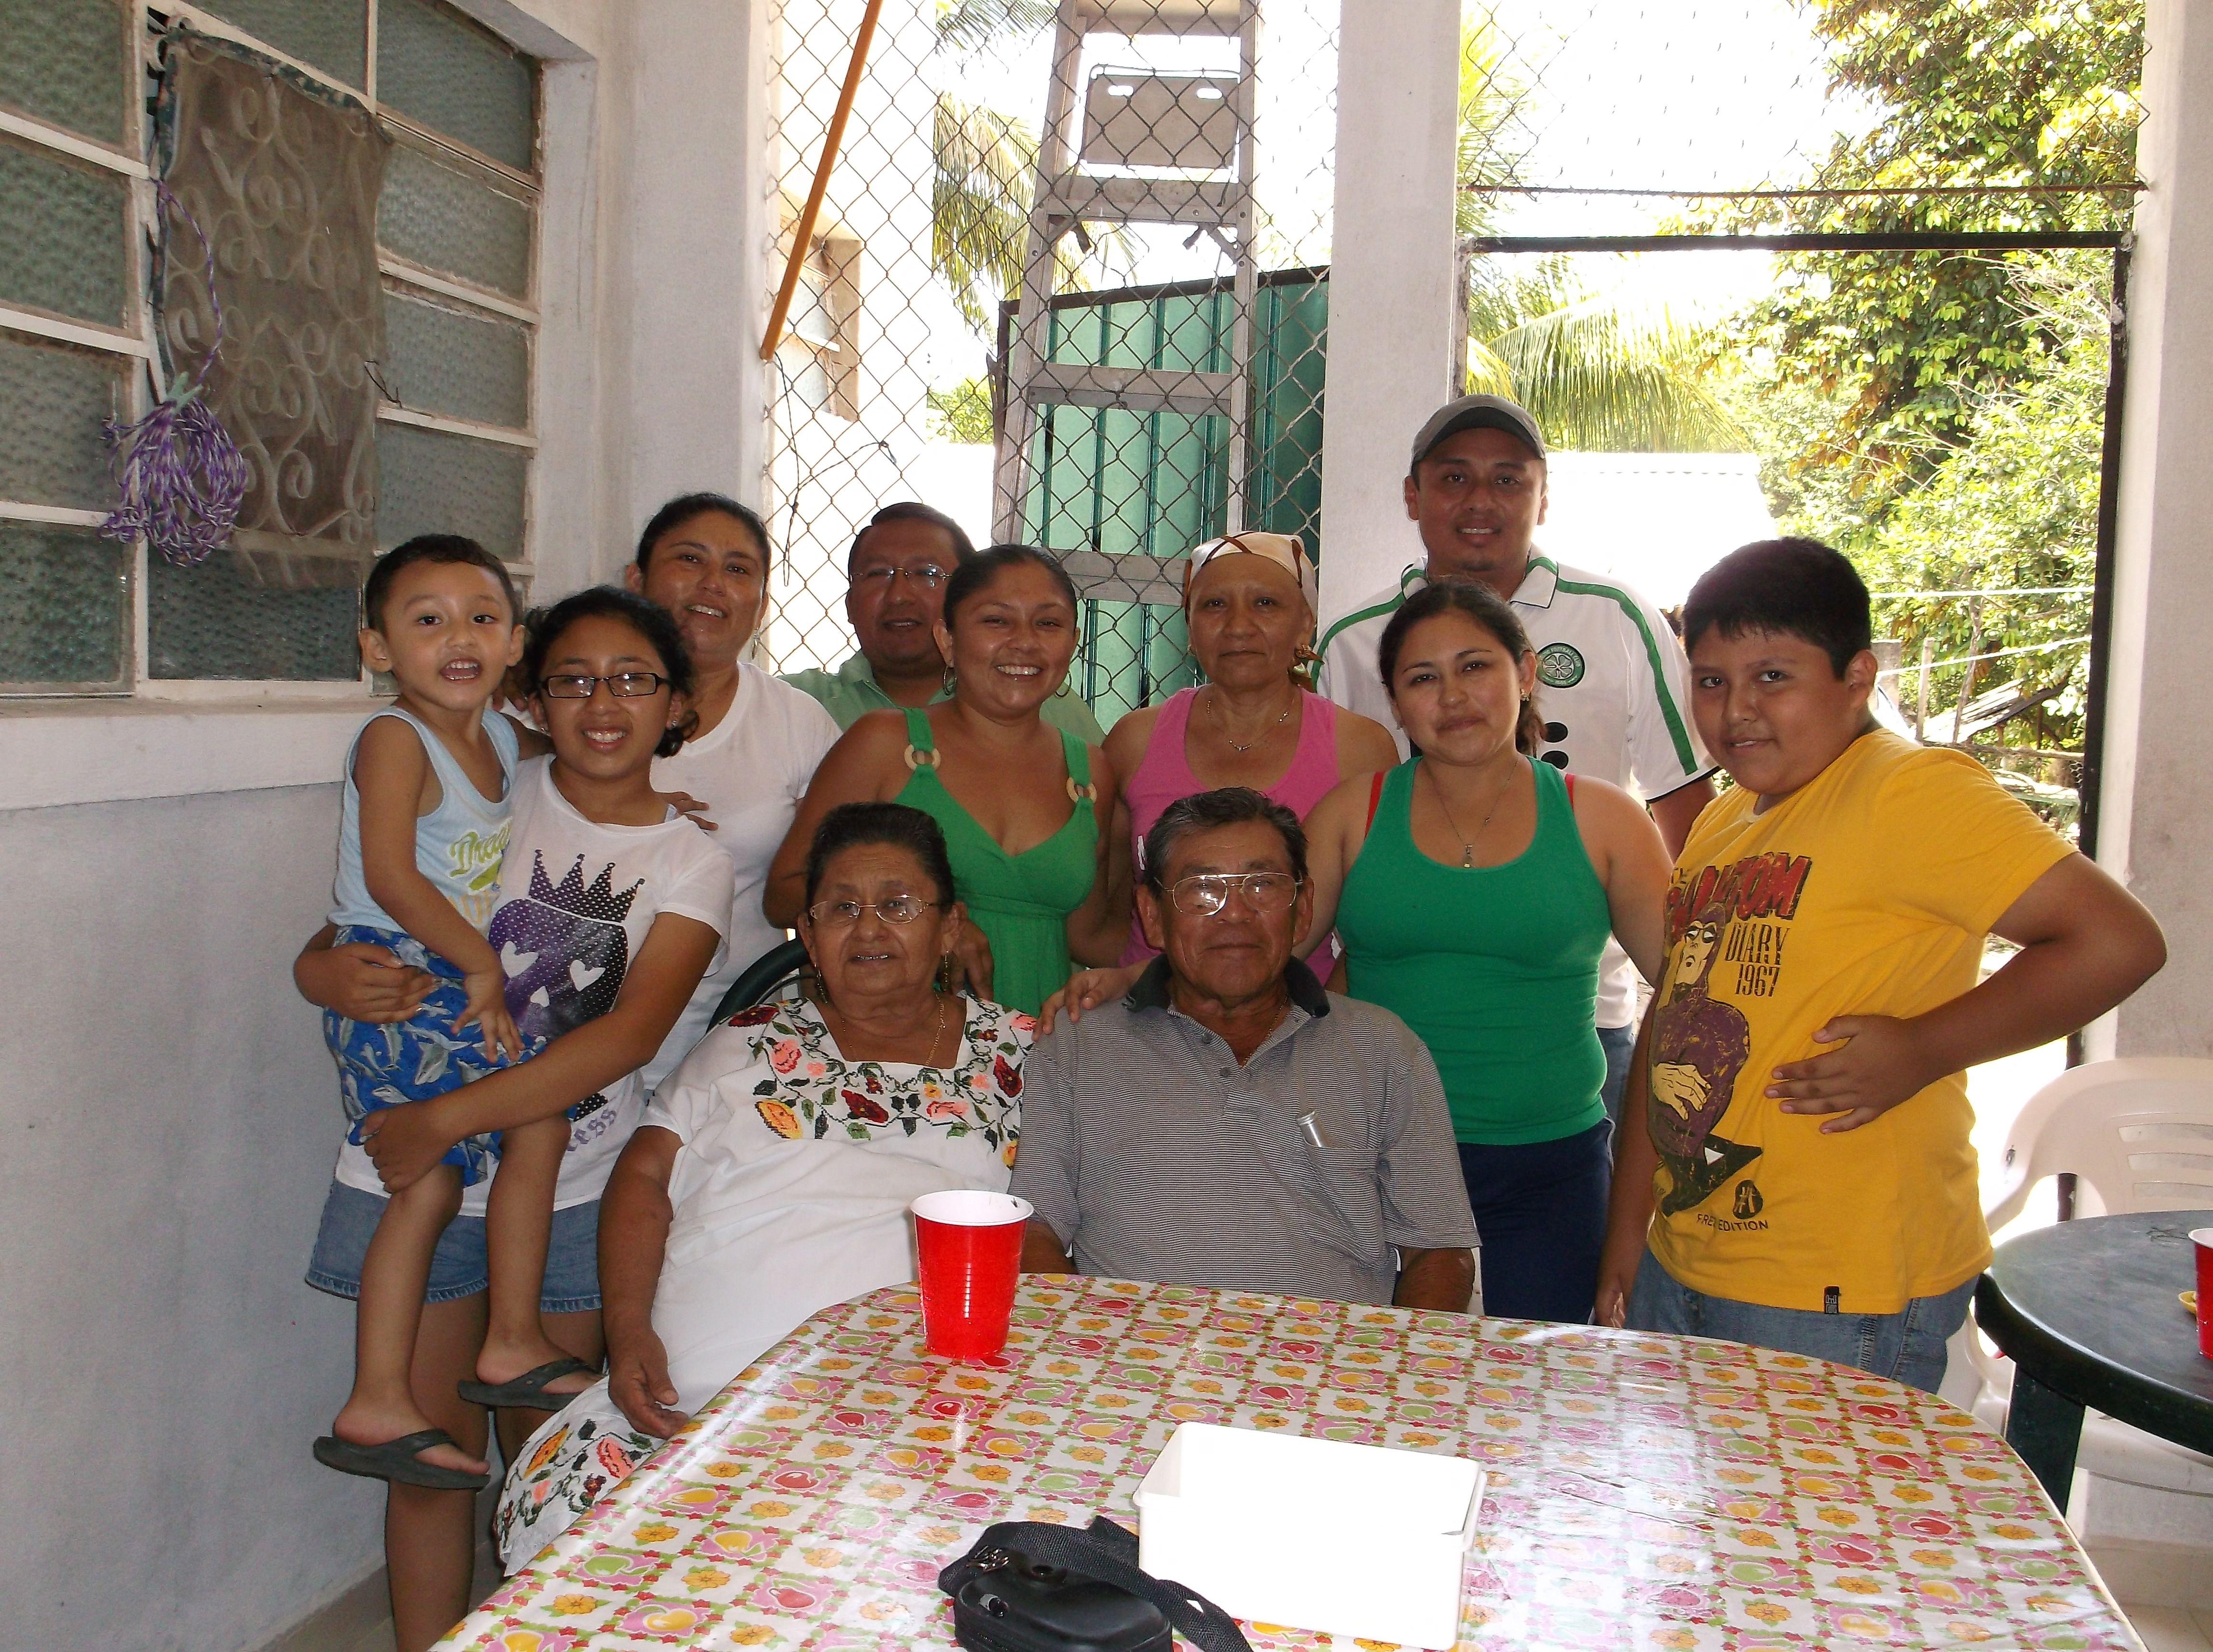 Claudia's family in Ticul